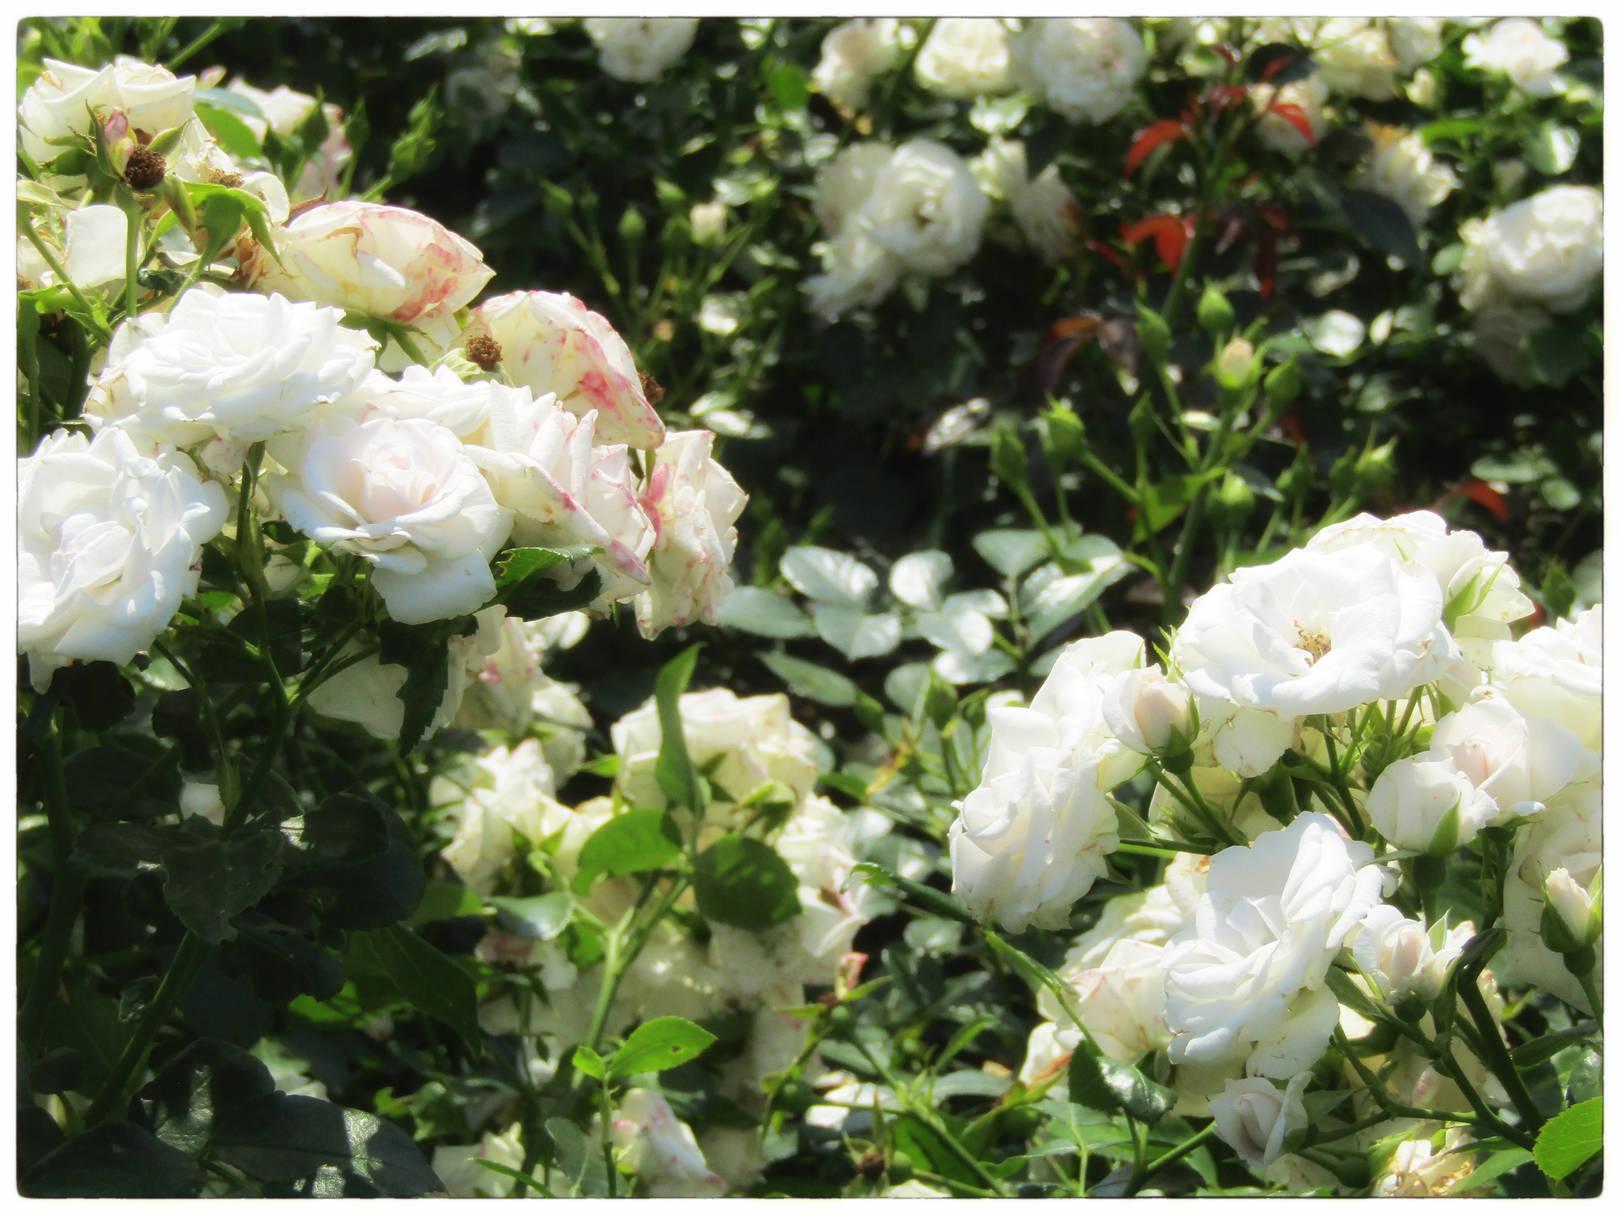 Розарий. Ботанический сад. Москва